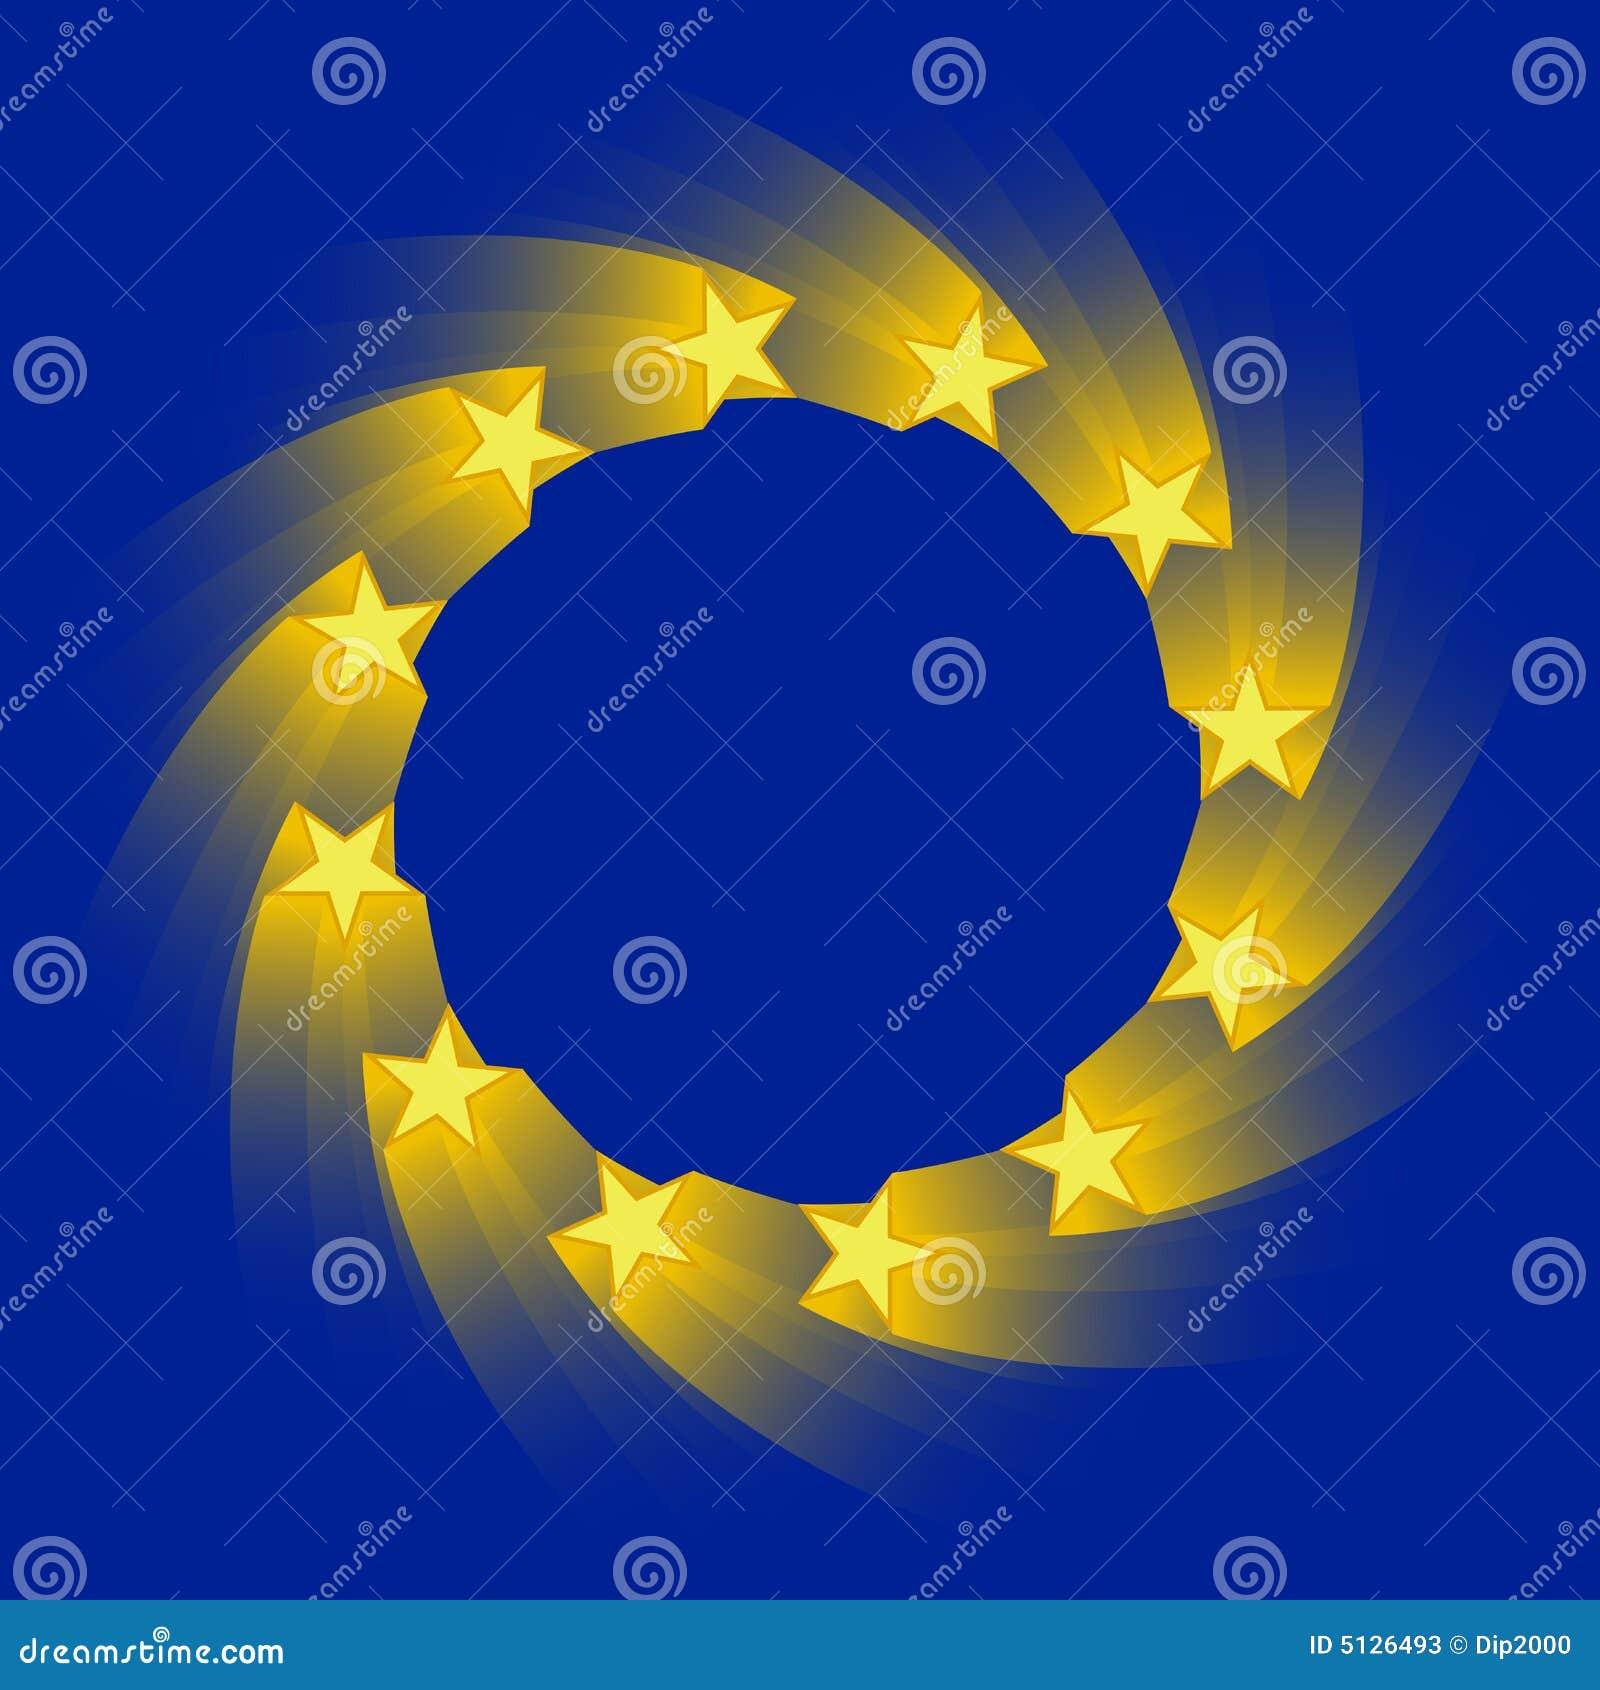 Indicador de unión europea